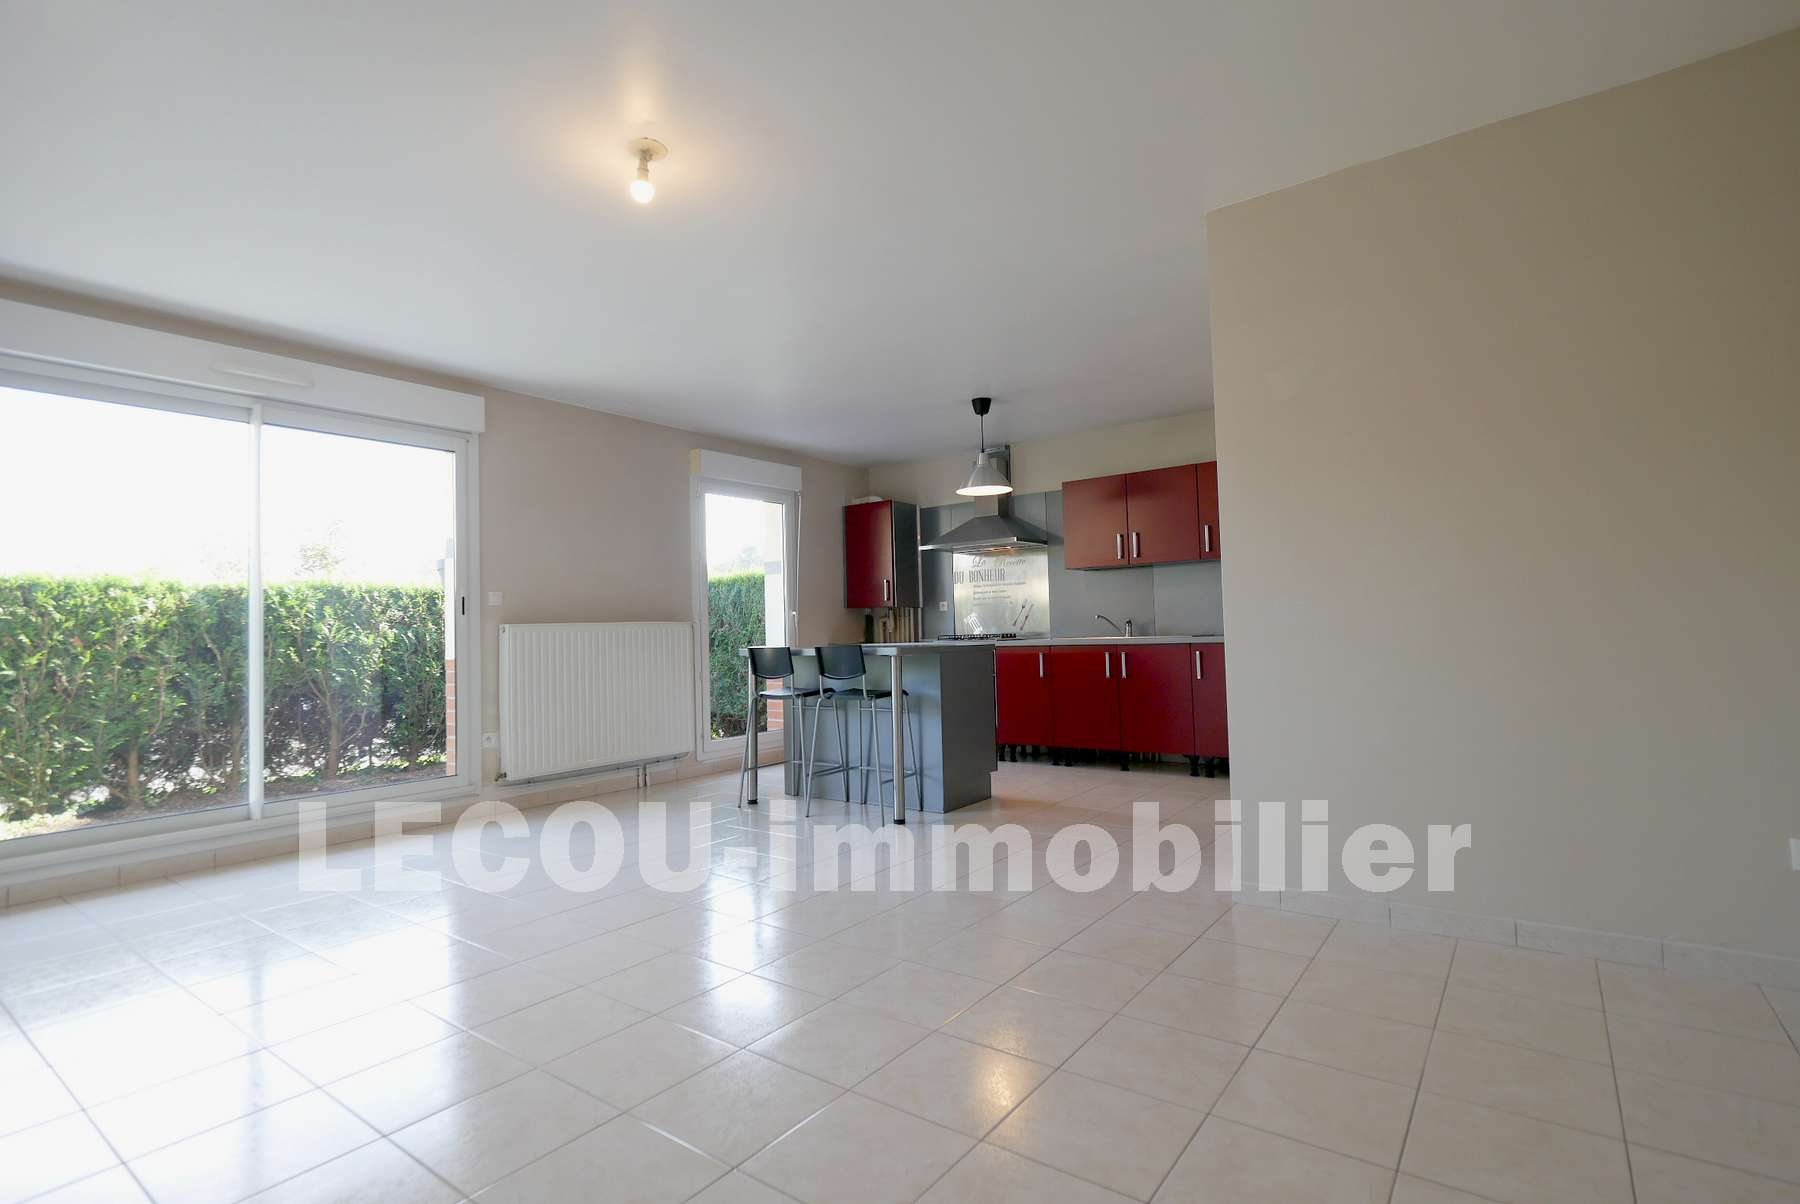 Appartement T3 de 66,46 m² proche de Lens